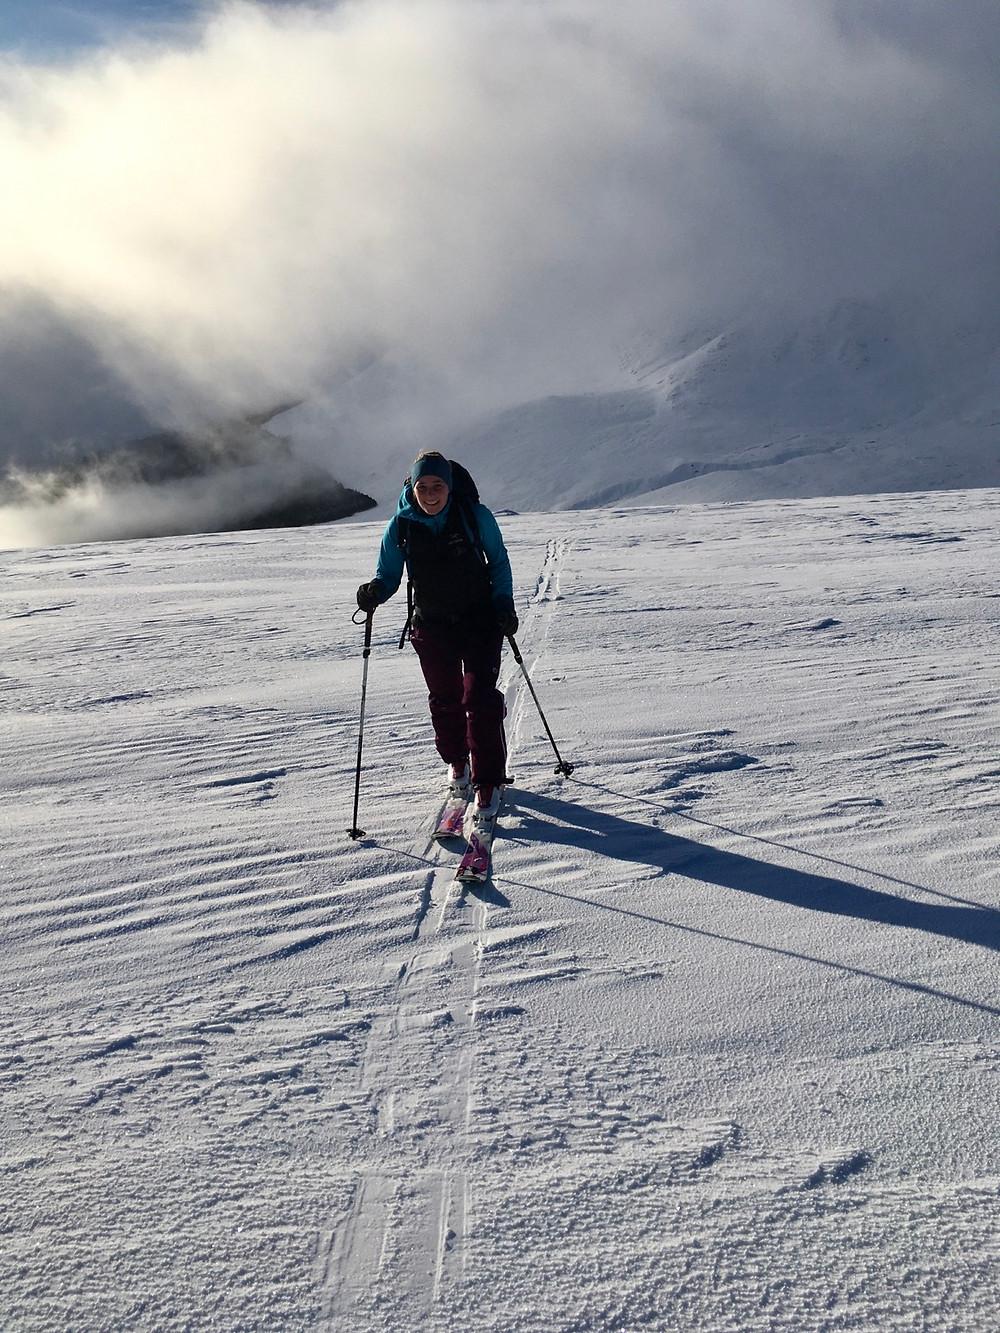 Creag Meagaidh in winter